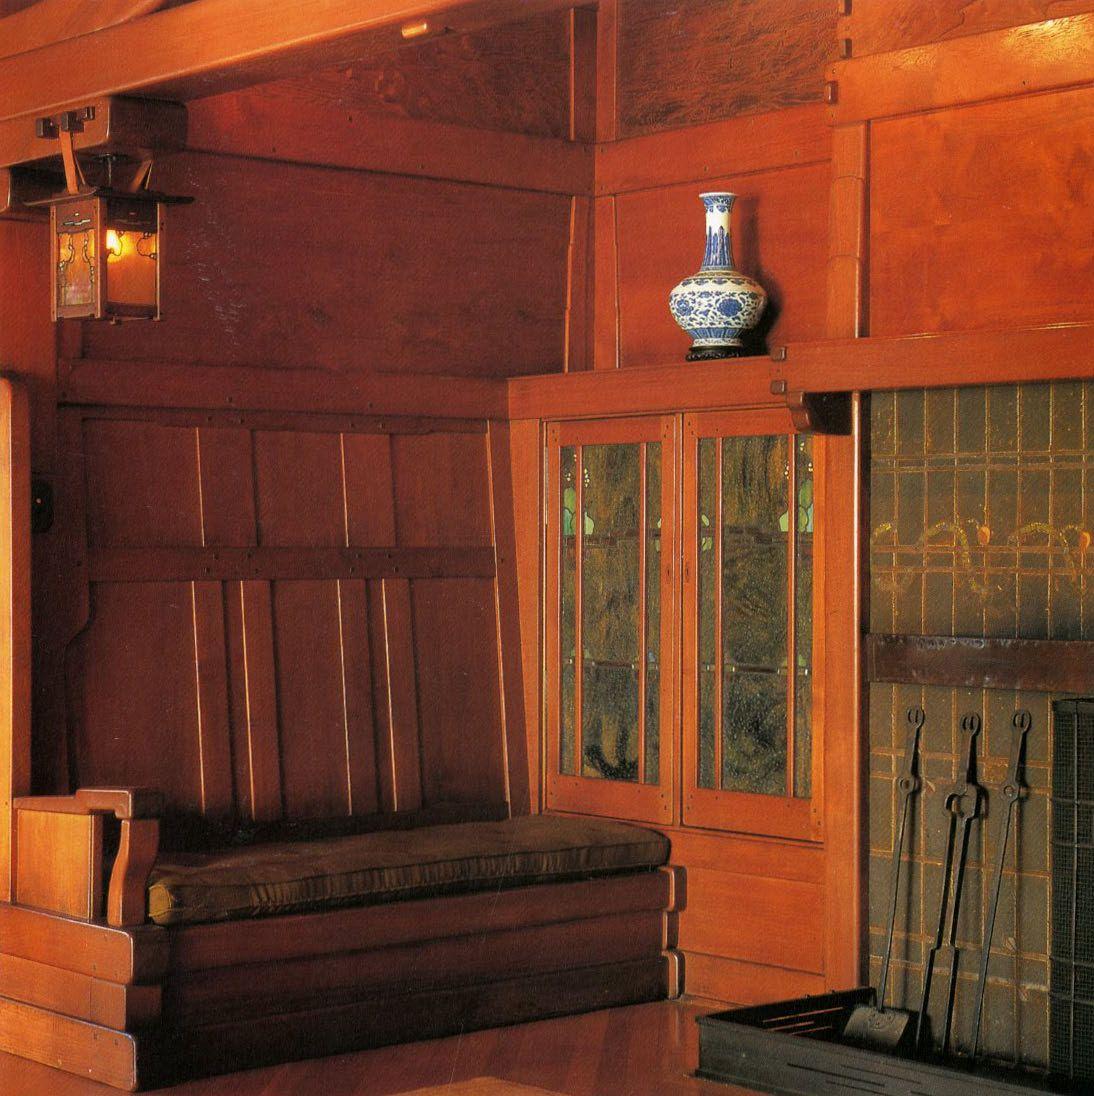 Gamble house greene and greene pasadena ca 1908 for Greene and greene inspired furniture